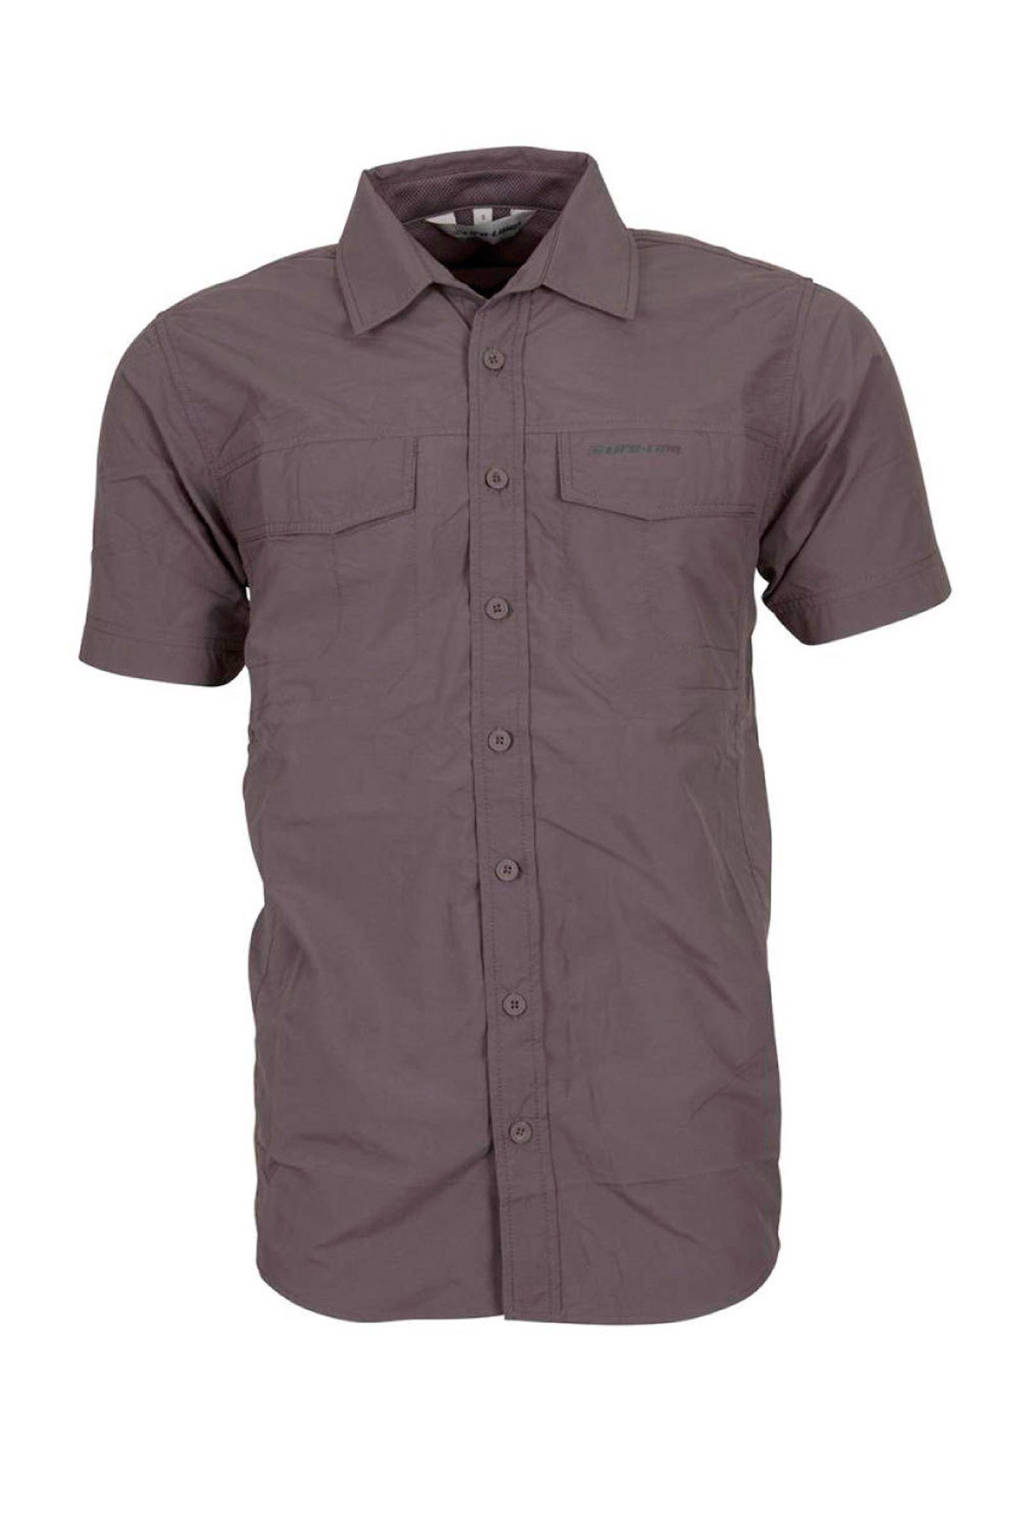 Grijs Overhemd Heren.Life Line Heren Outdoor Overhemd Makoa Wehkamp